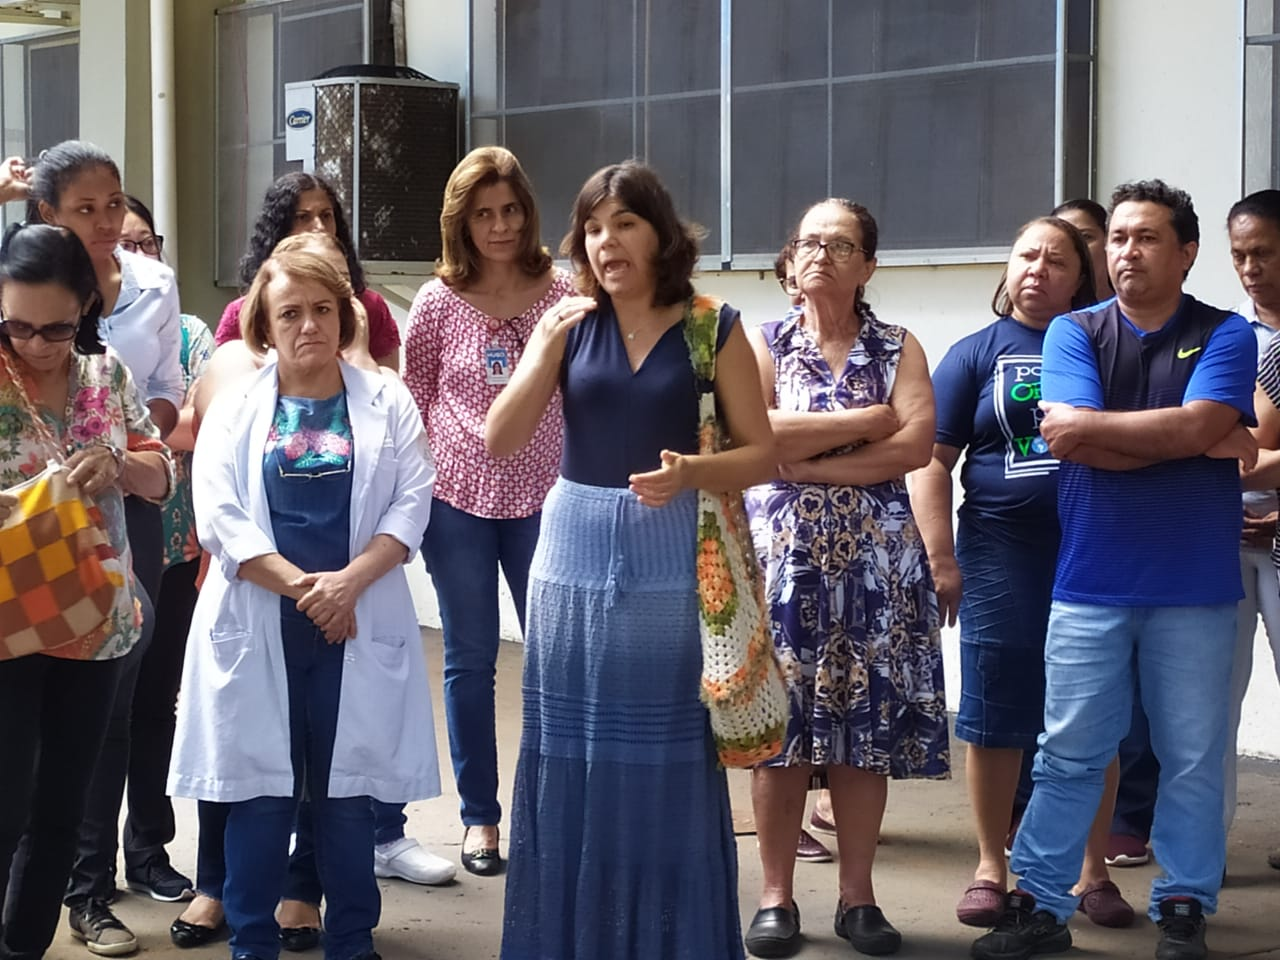 Cerca de 70 servidores do Hospital de Urgências de Goiânia (Hugo), em Goiânia, protestaram contra a remoção de quase 300 funcionários efetivos da unidade. (Foto: Reprodução)